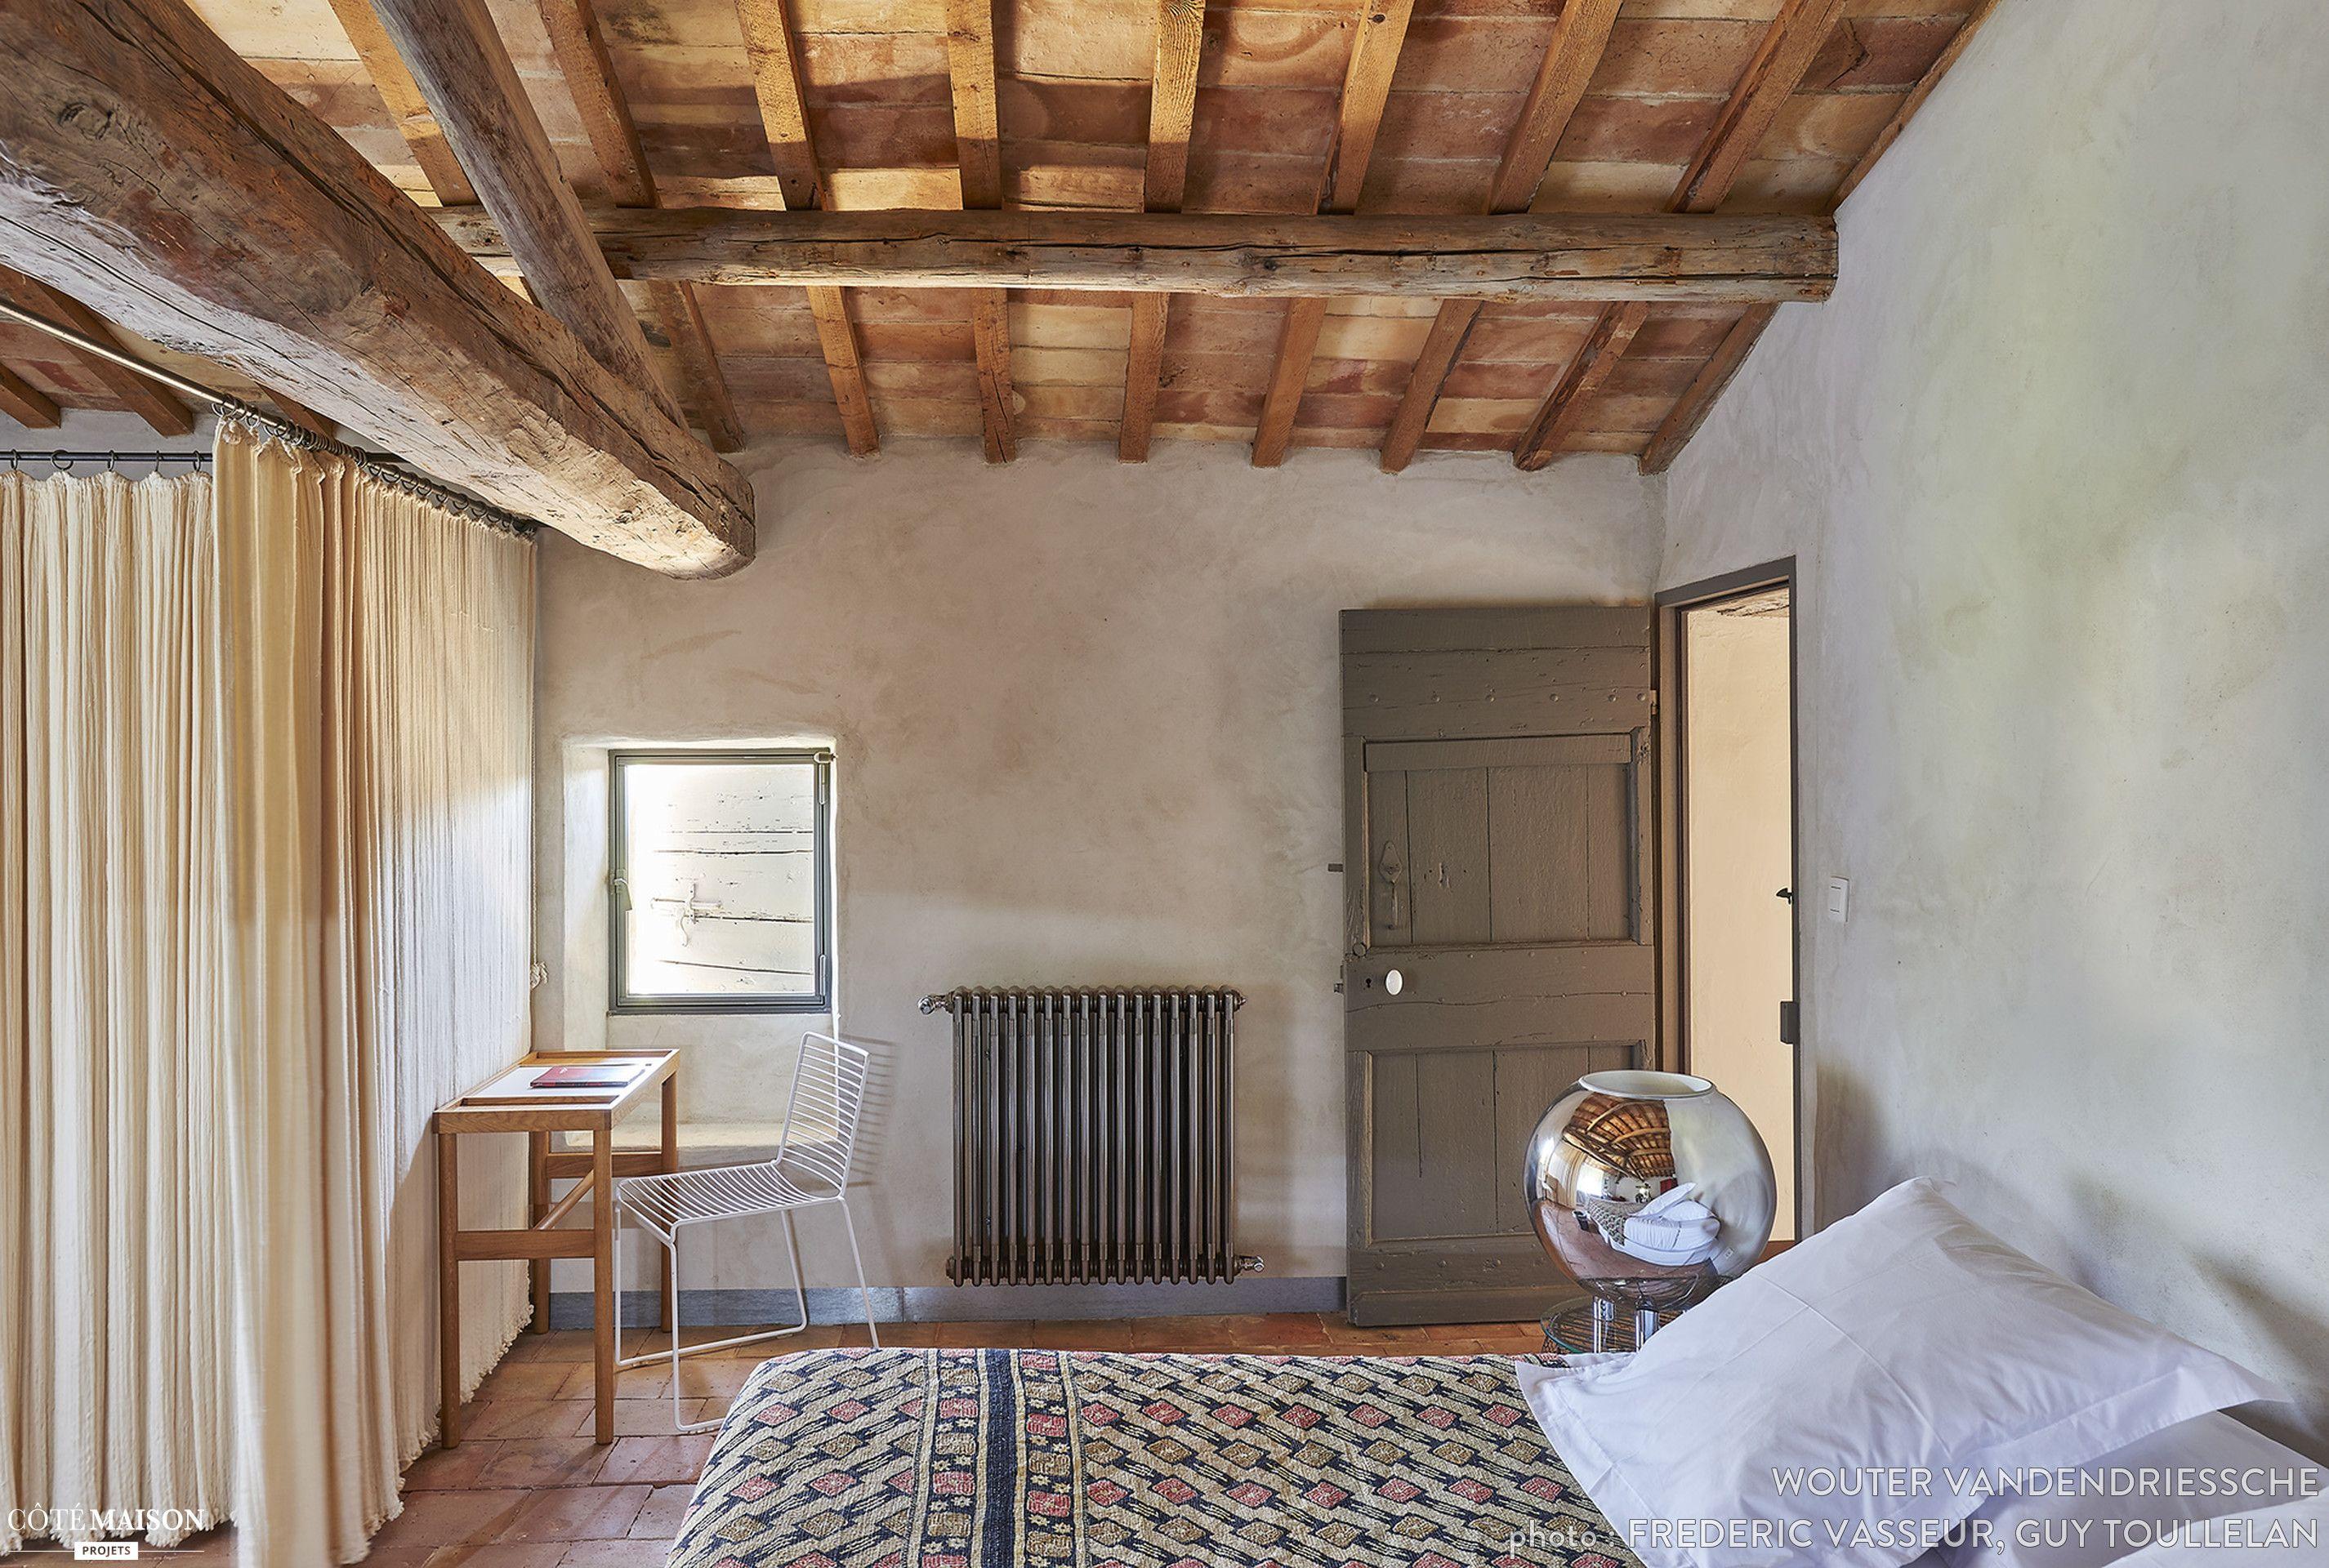 Chambre Provencale Idee Deco cette chambre à l'ambiance apaisante nous dépayse en